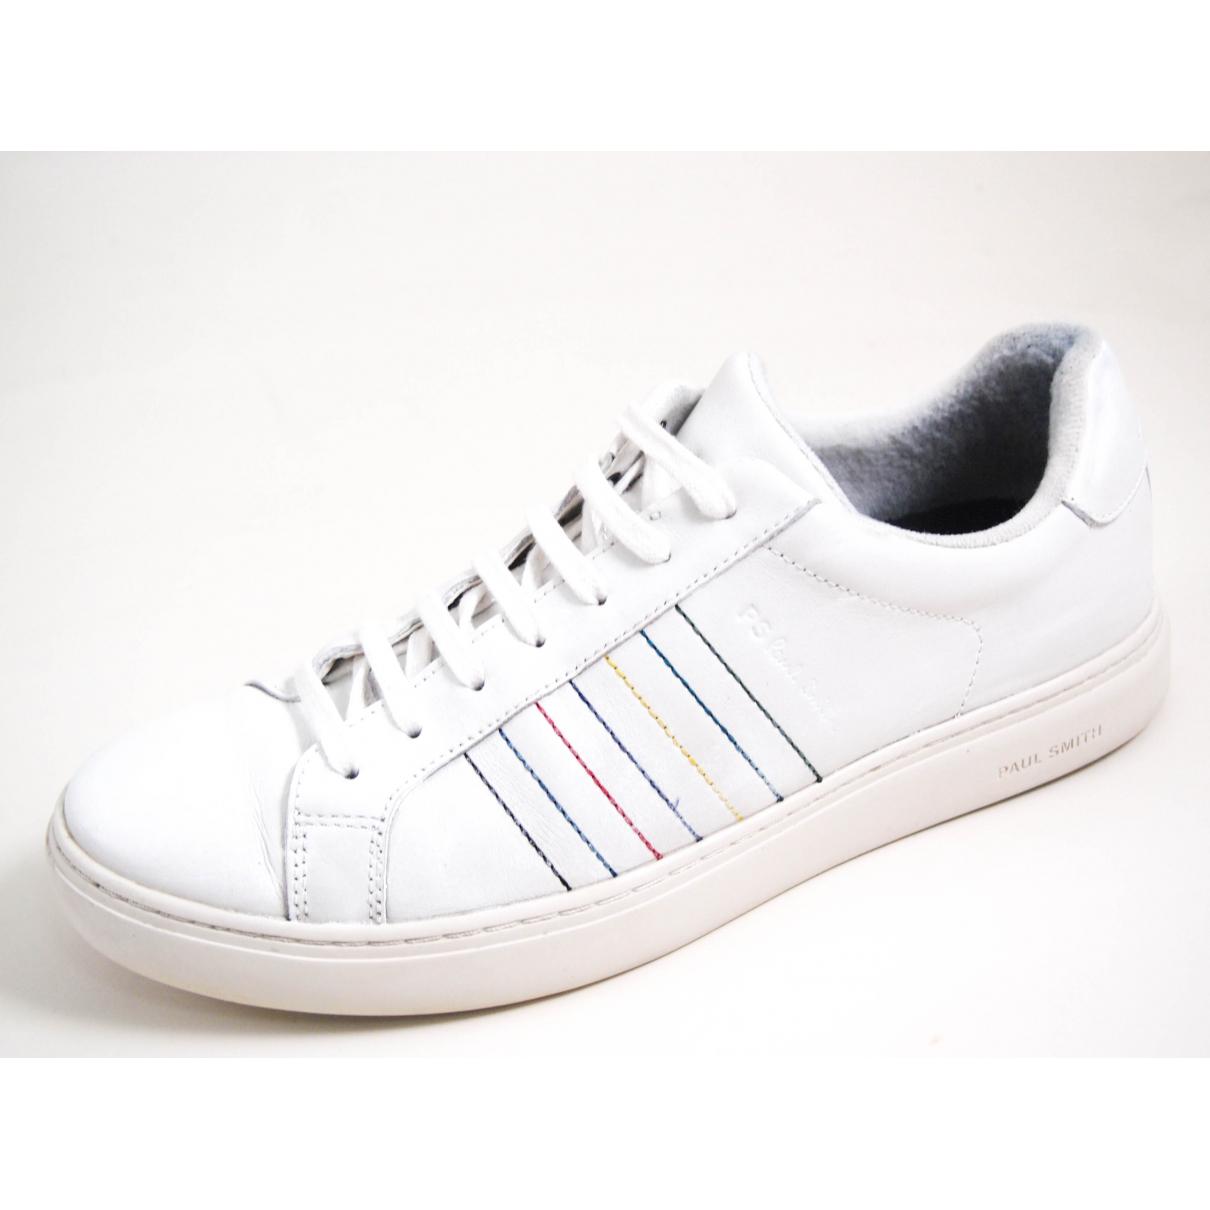 Paul Smith \N Sneakers in  Weiss Leder